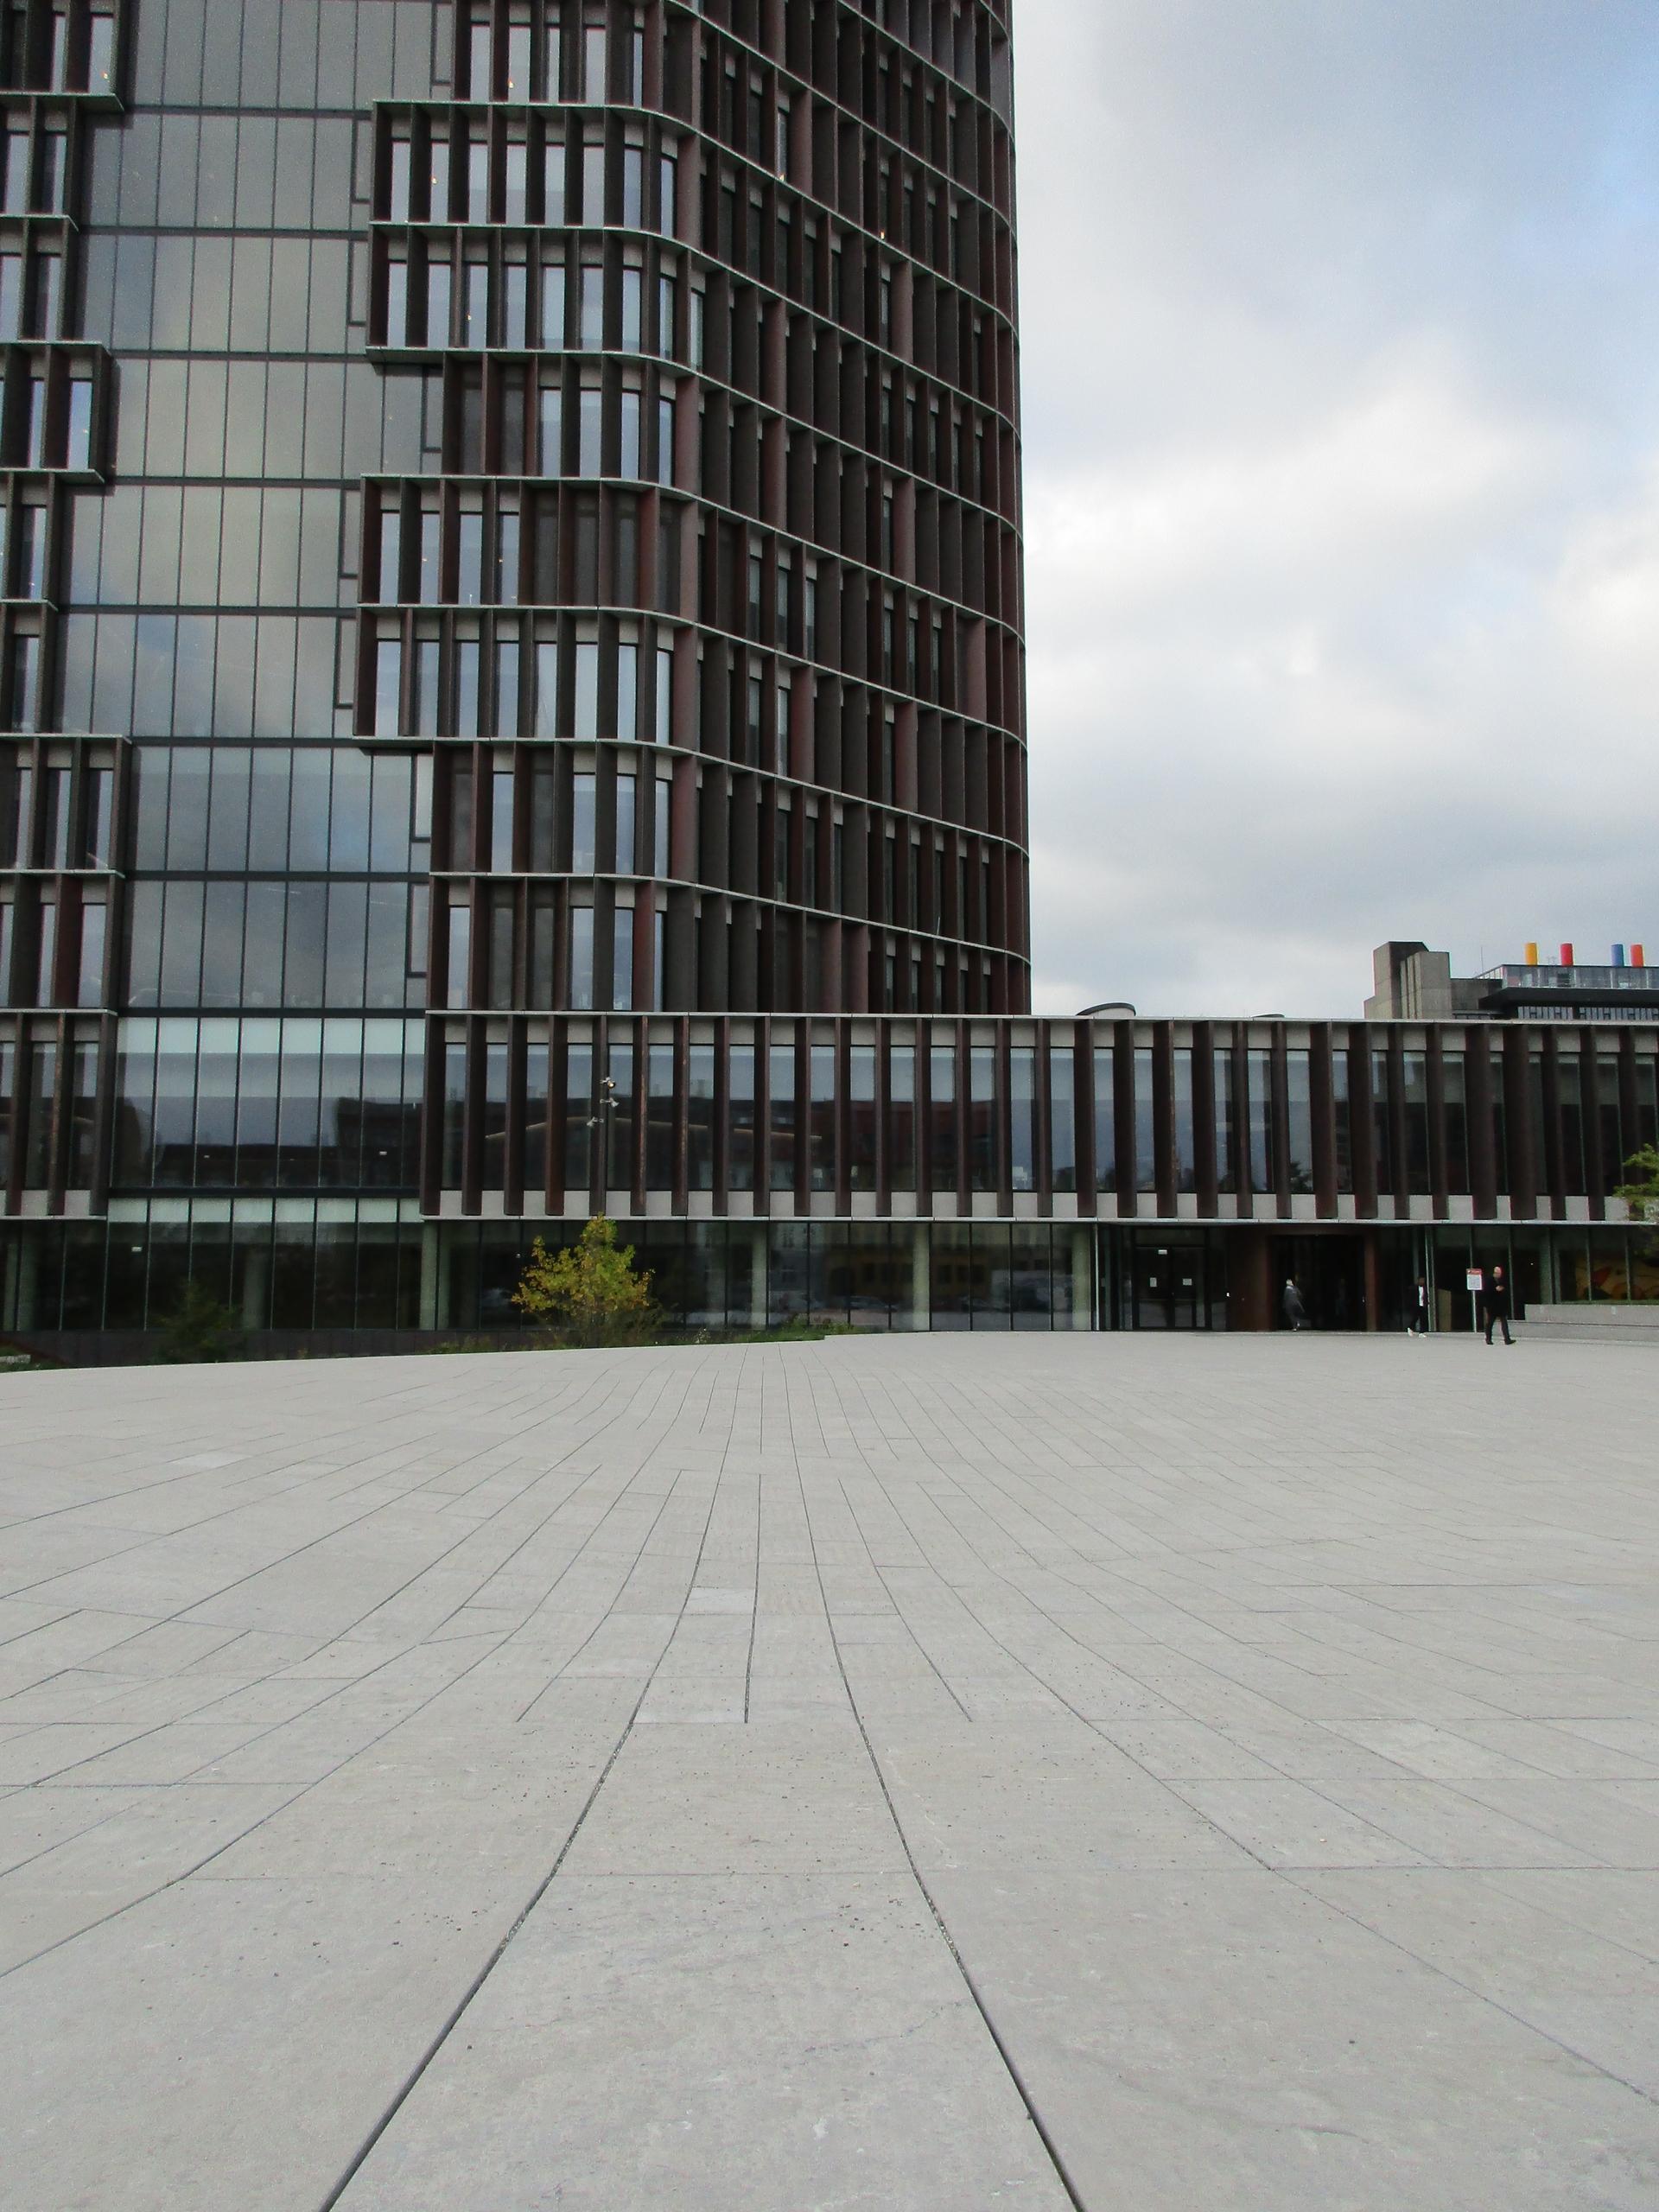 Higher education Mærsk Tower ri - northernlad | ello